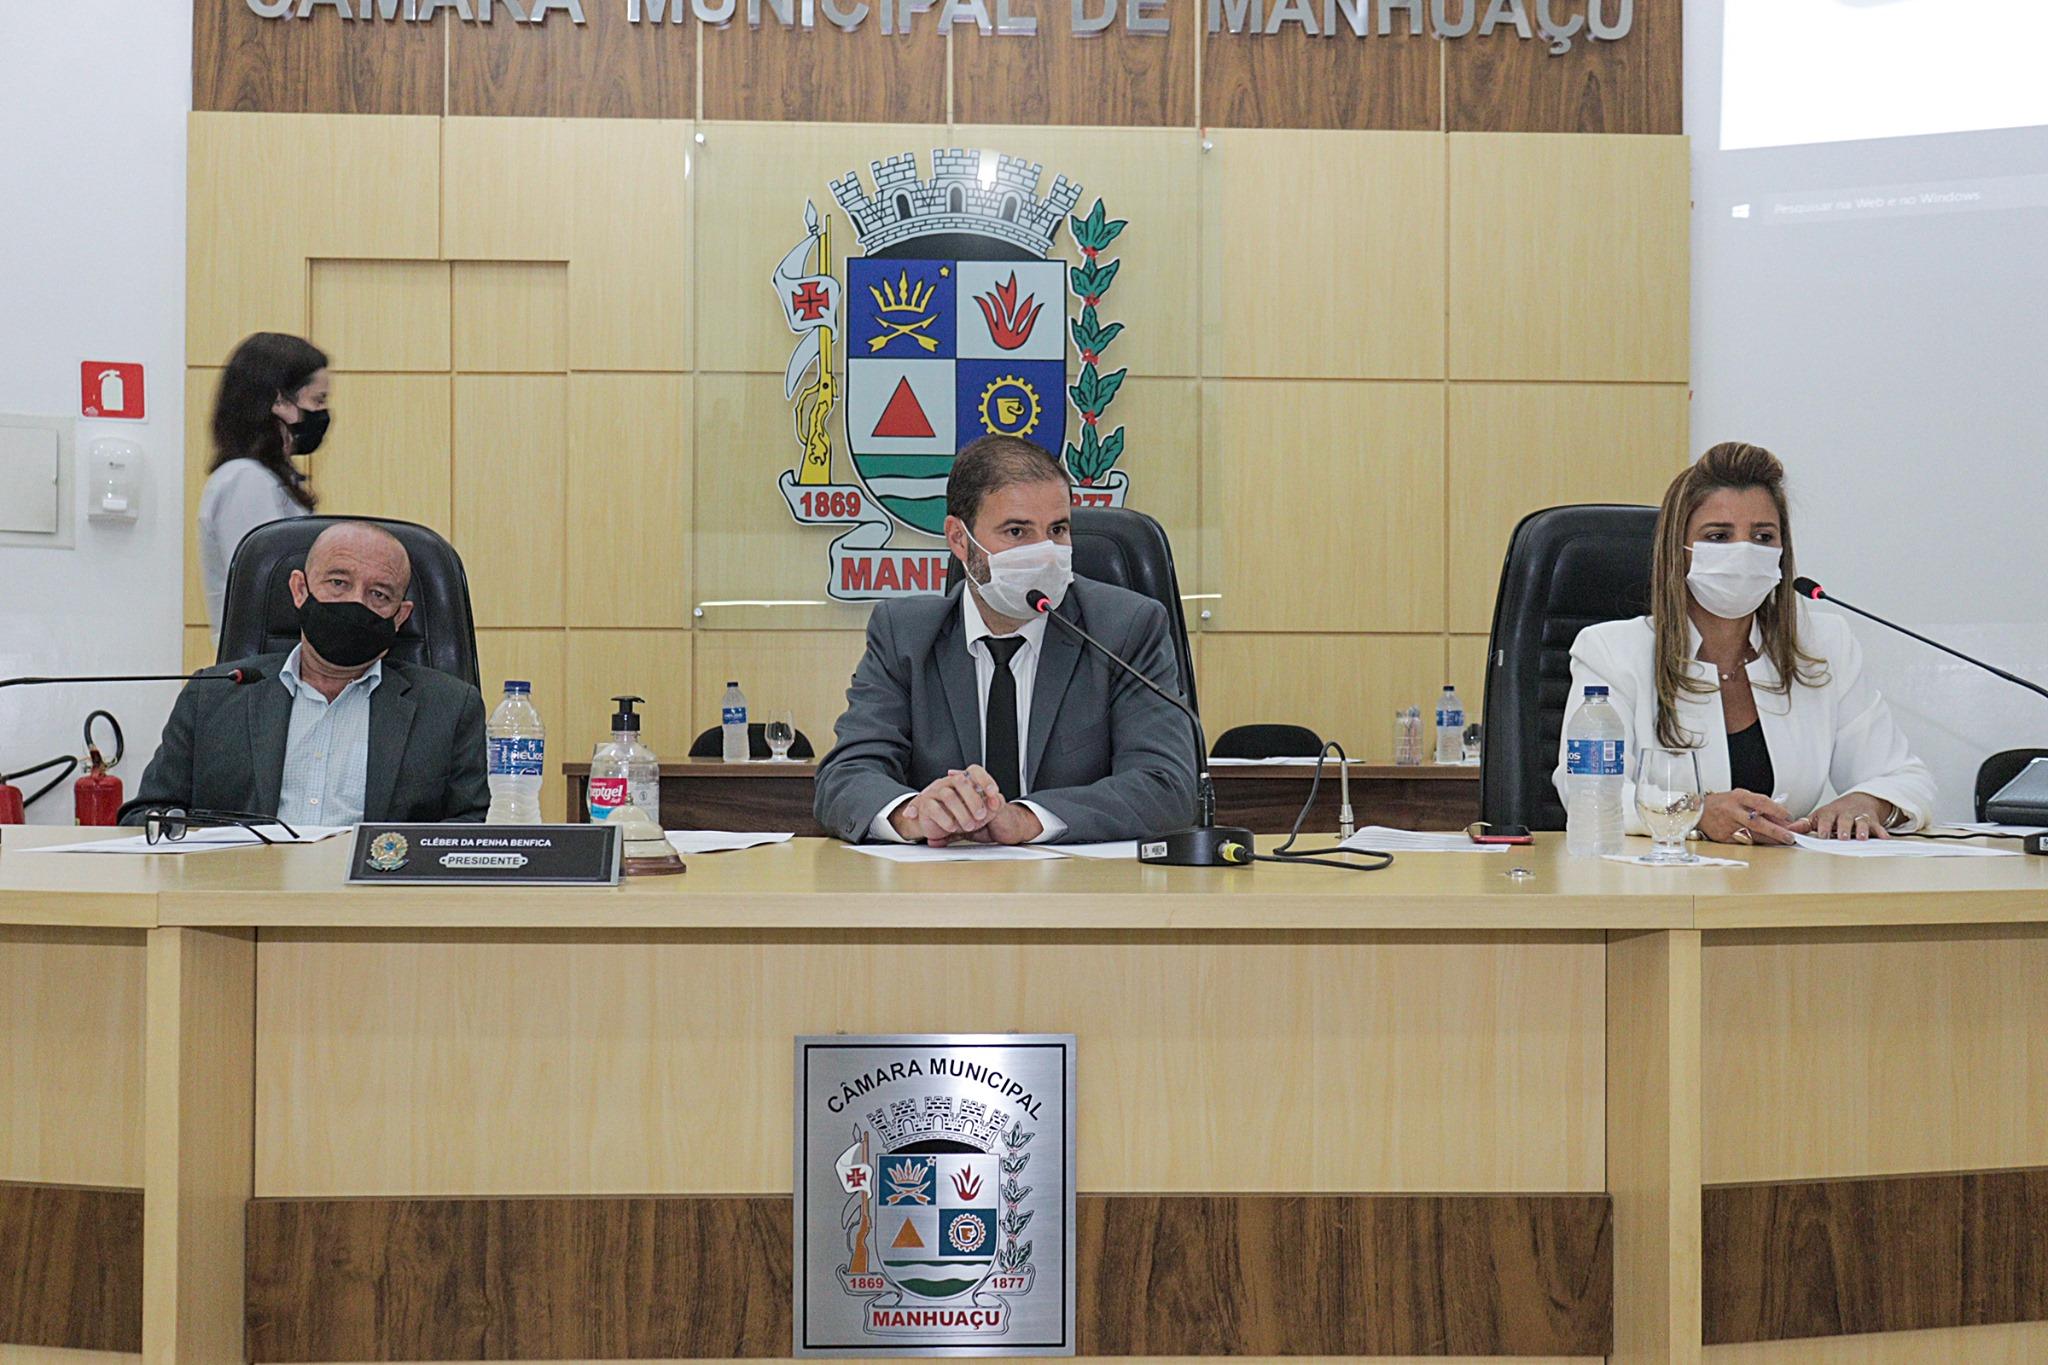 Câmara de Manhuaçu: prazo de 90 dias para suspensão do Concurso Público termina nesta terça-feira (9)